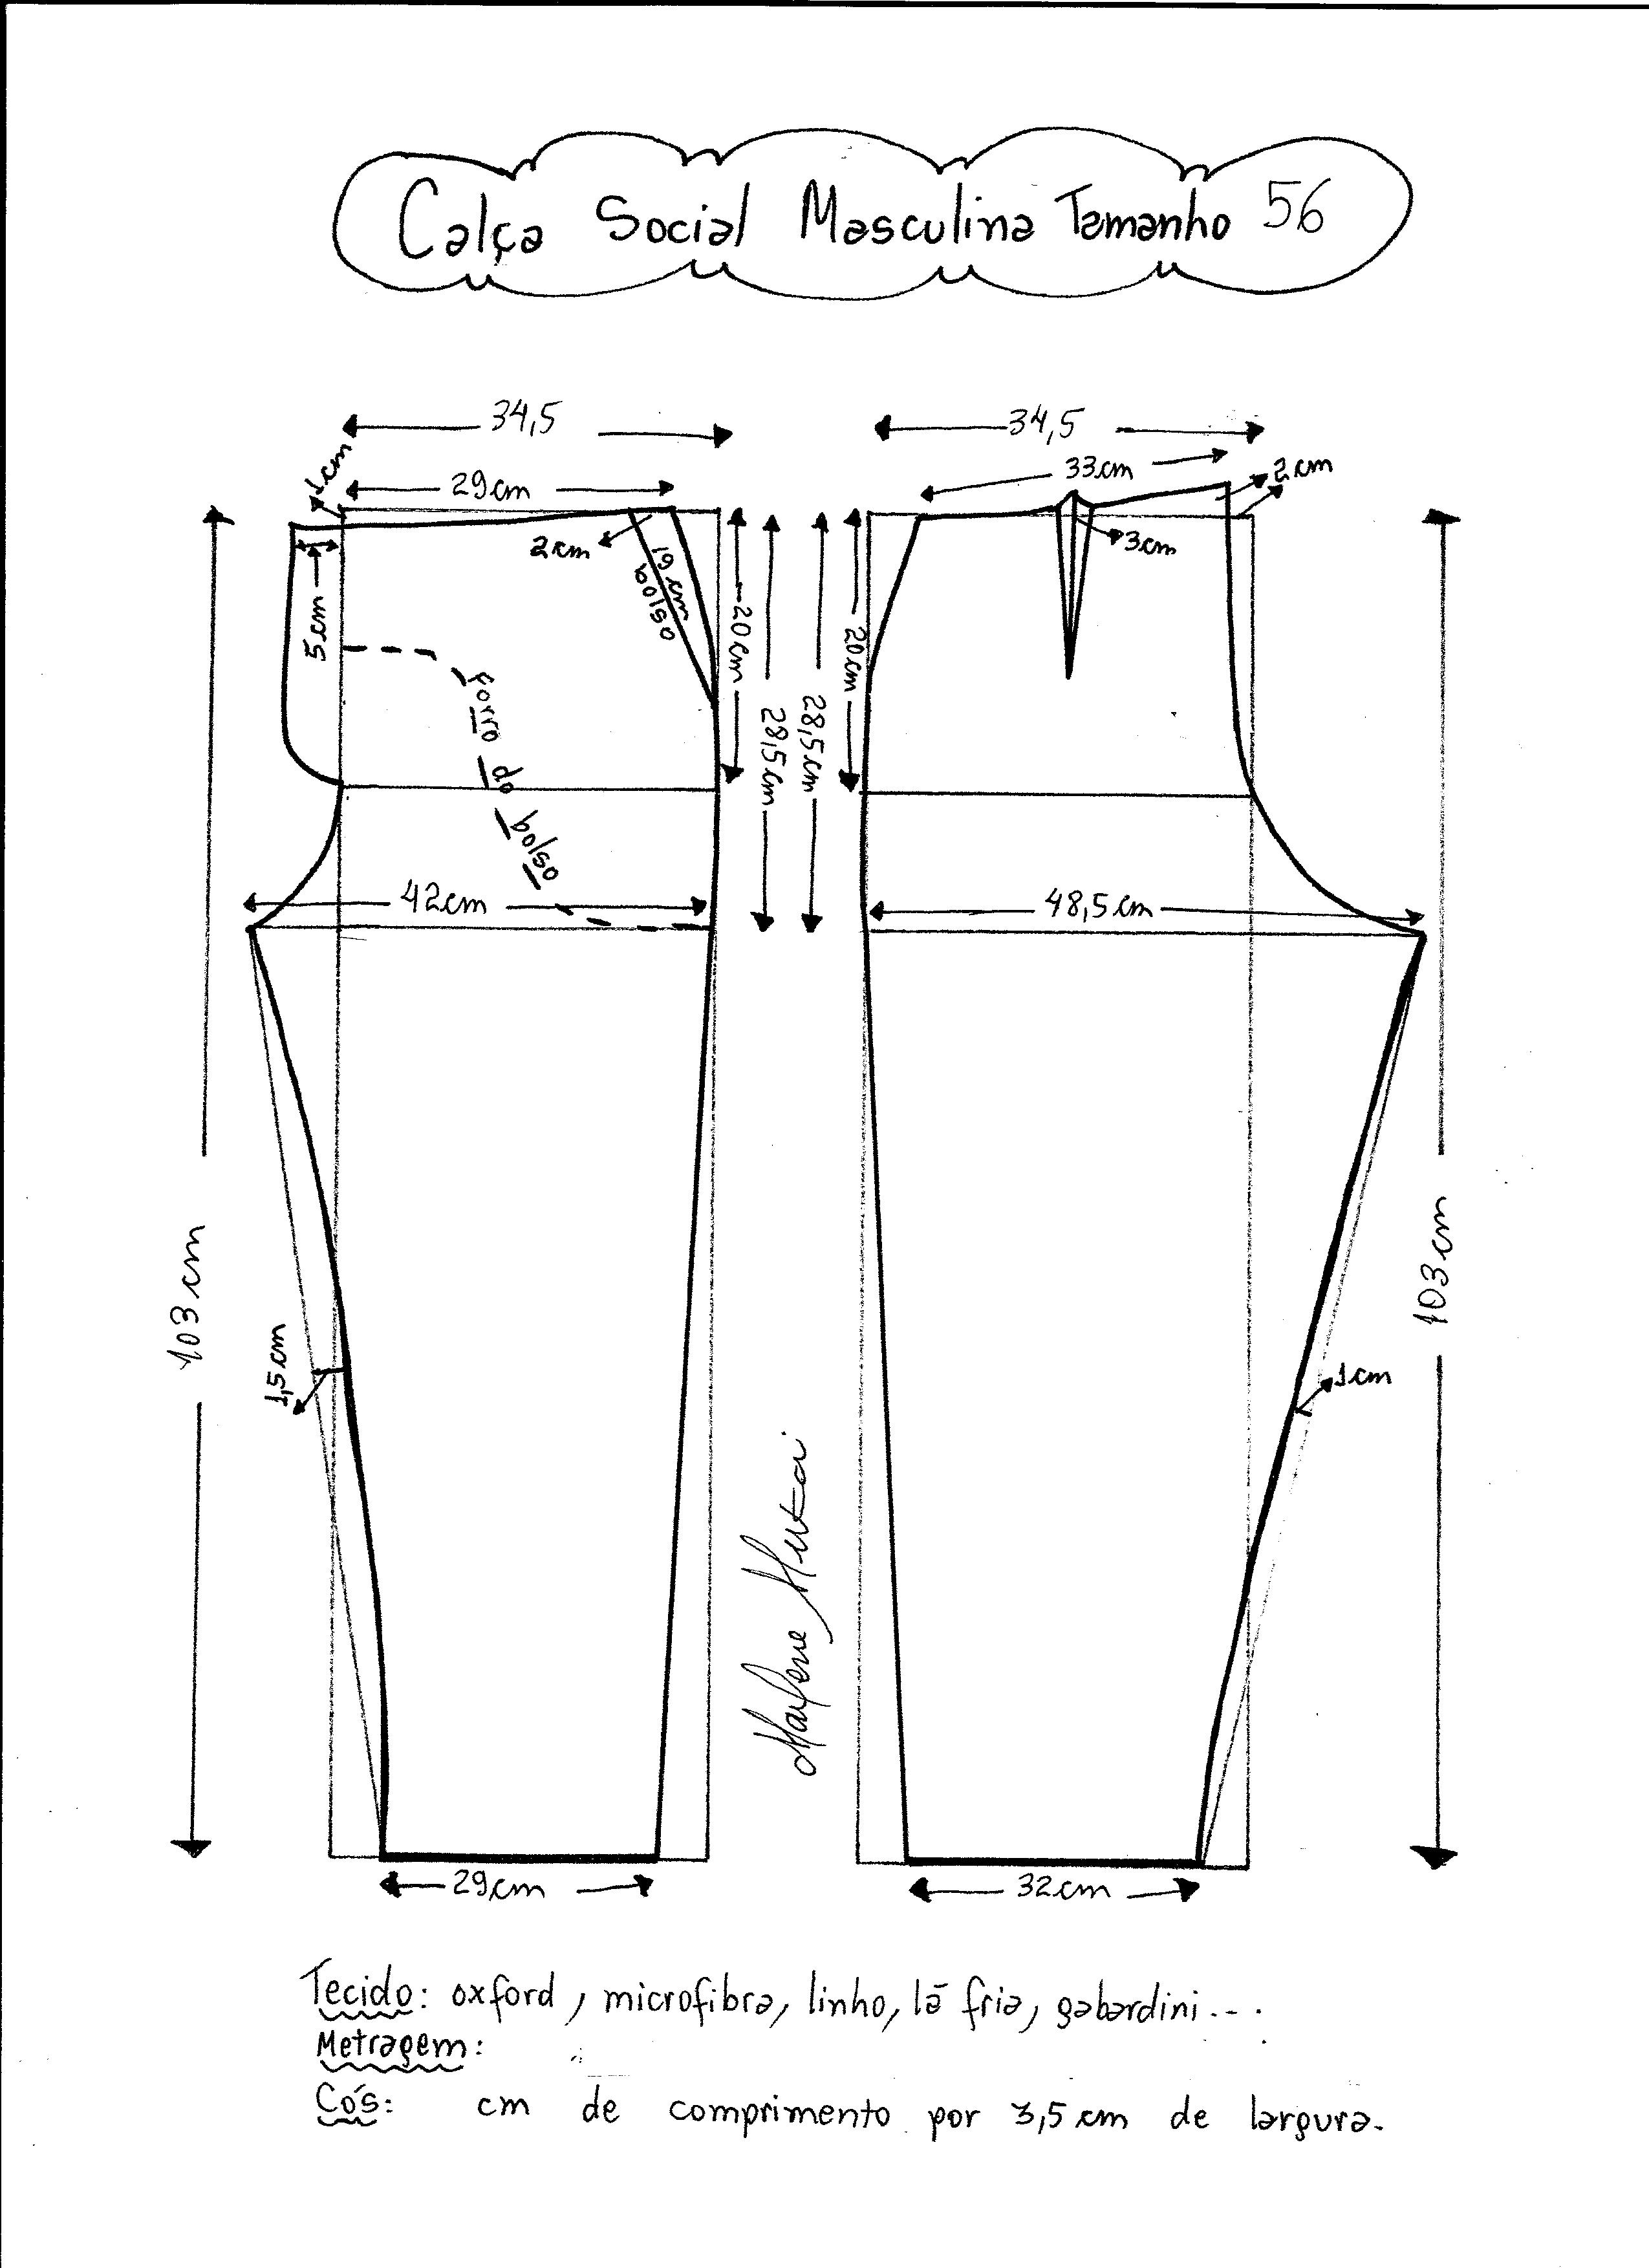 906d2e2b5 Esquema de modelagem de calça social masculina tamanho 56.